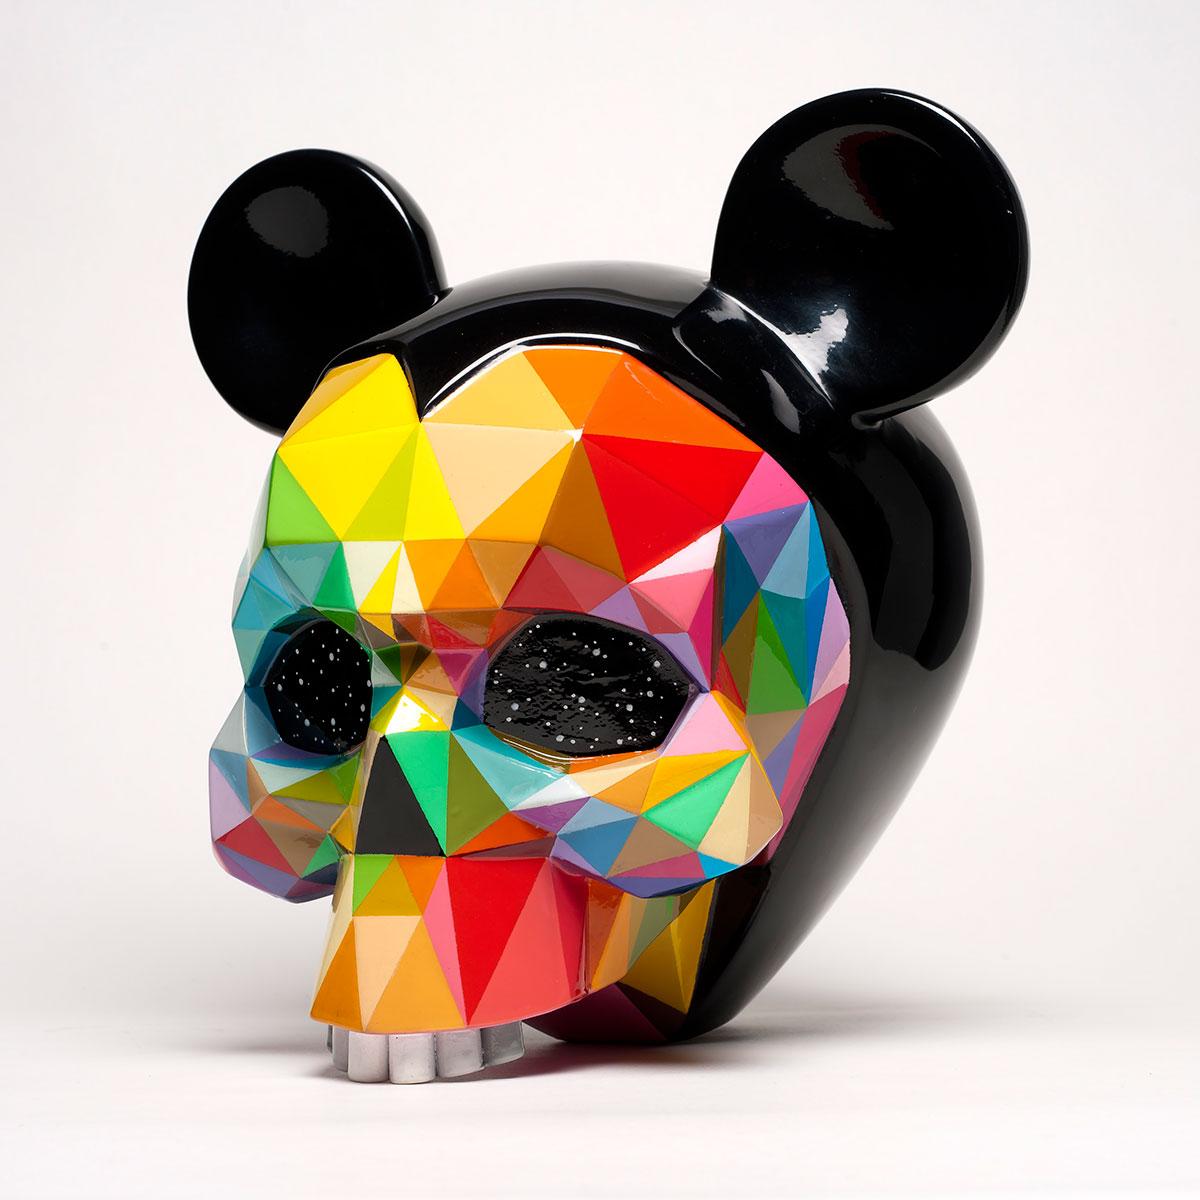 Mickeys-Skull-okuda-3